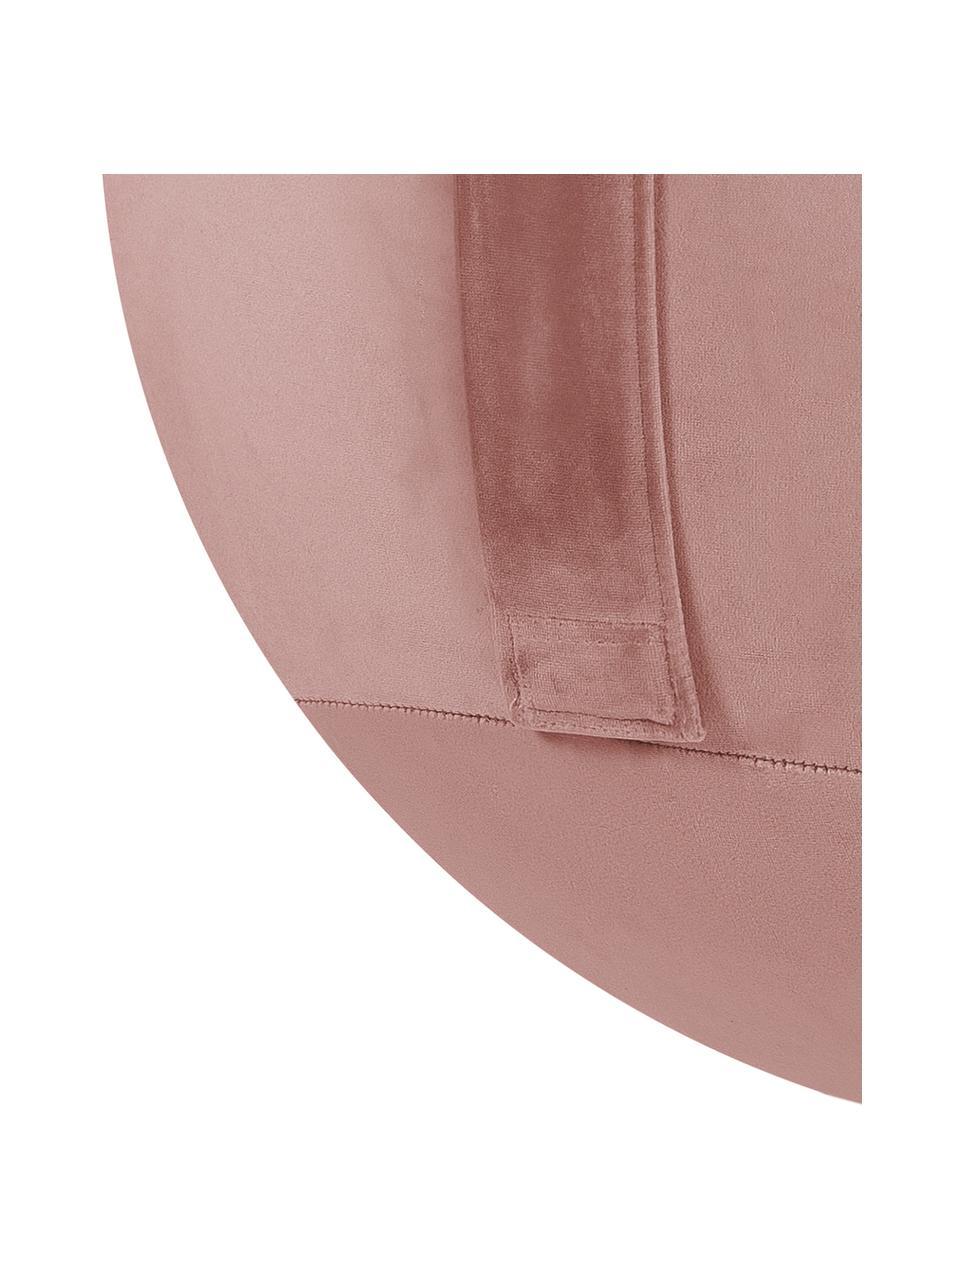 Piłka do siedzenia z aksamitu Velvet, Tapicerka: aksamit poliestrowy, Brudny różowy, Ø 65 cm